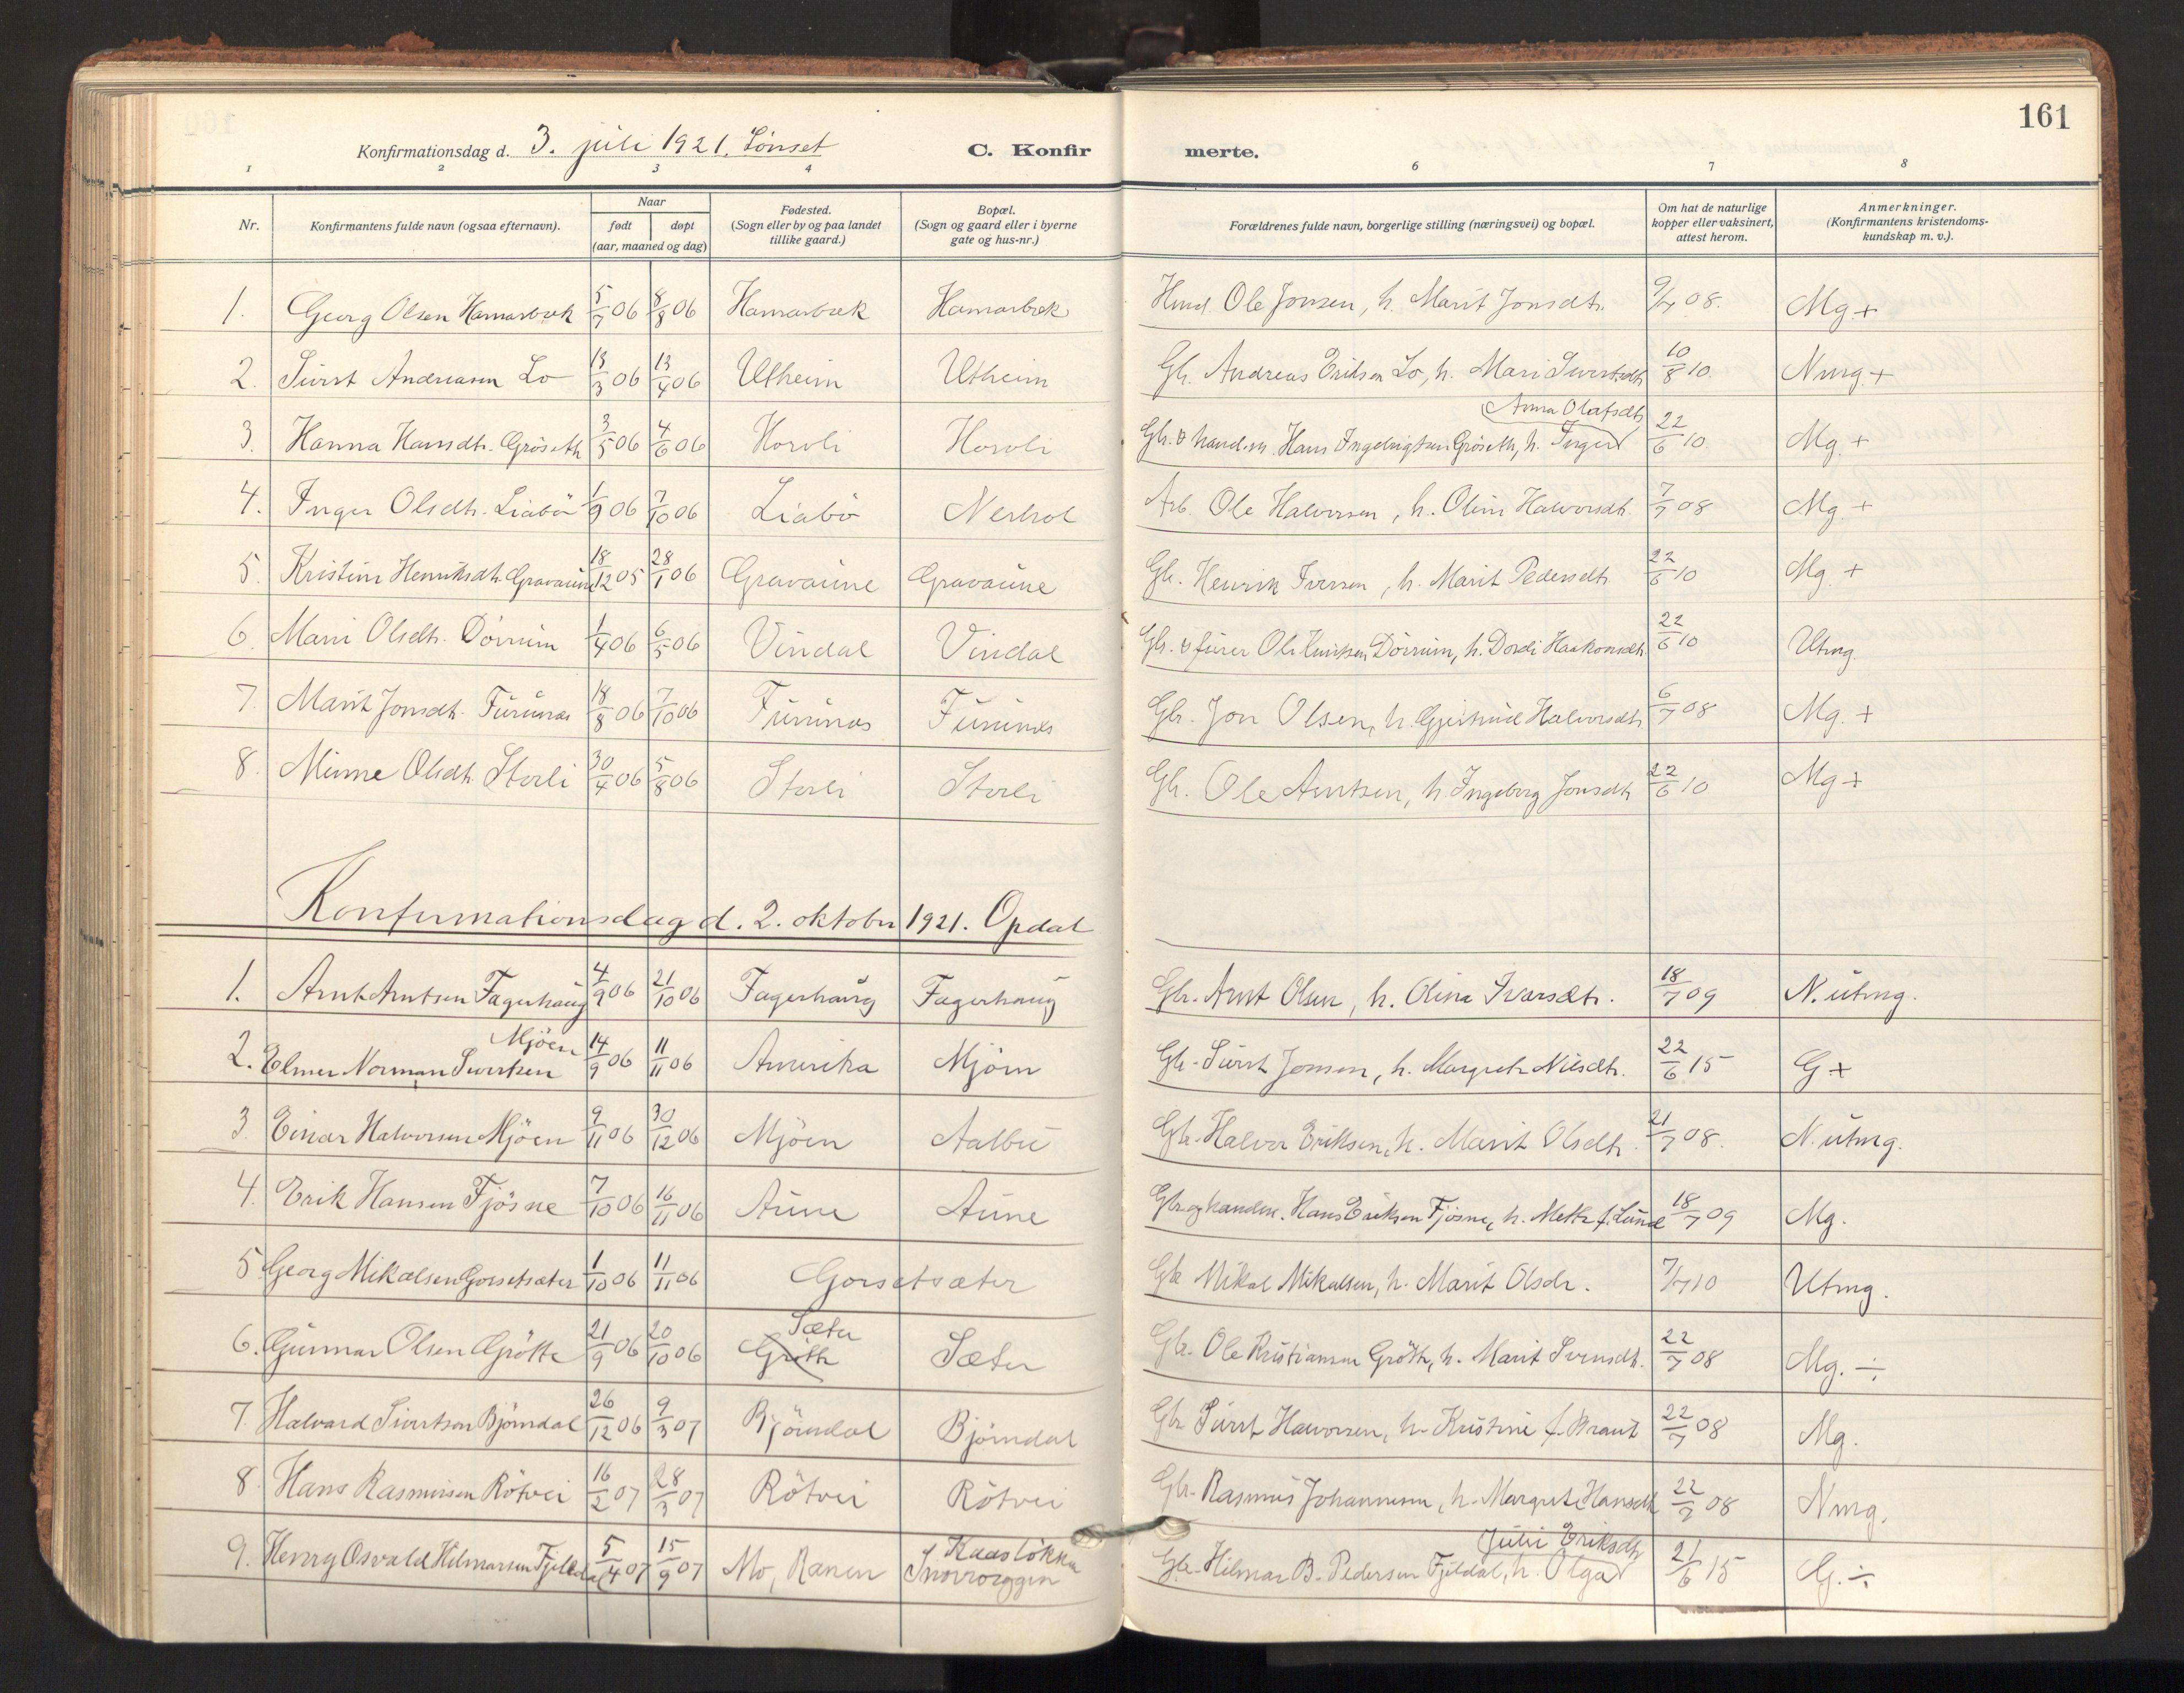 SAT, Ministerialprotokoller, klokkerbøker og fødselsregistre - Sør-Trøndelag, 678/L0909: Ministerialbok nr. 678A17, 1912-1930, s. 161